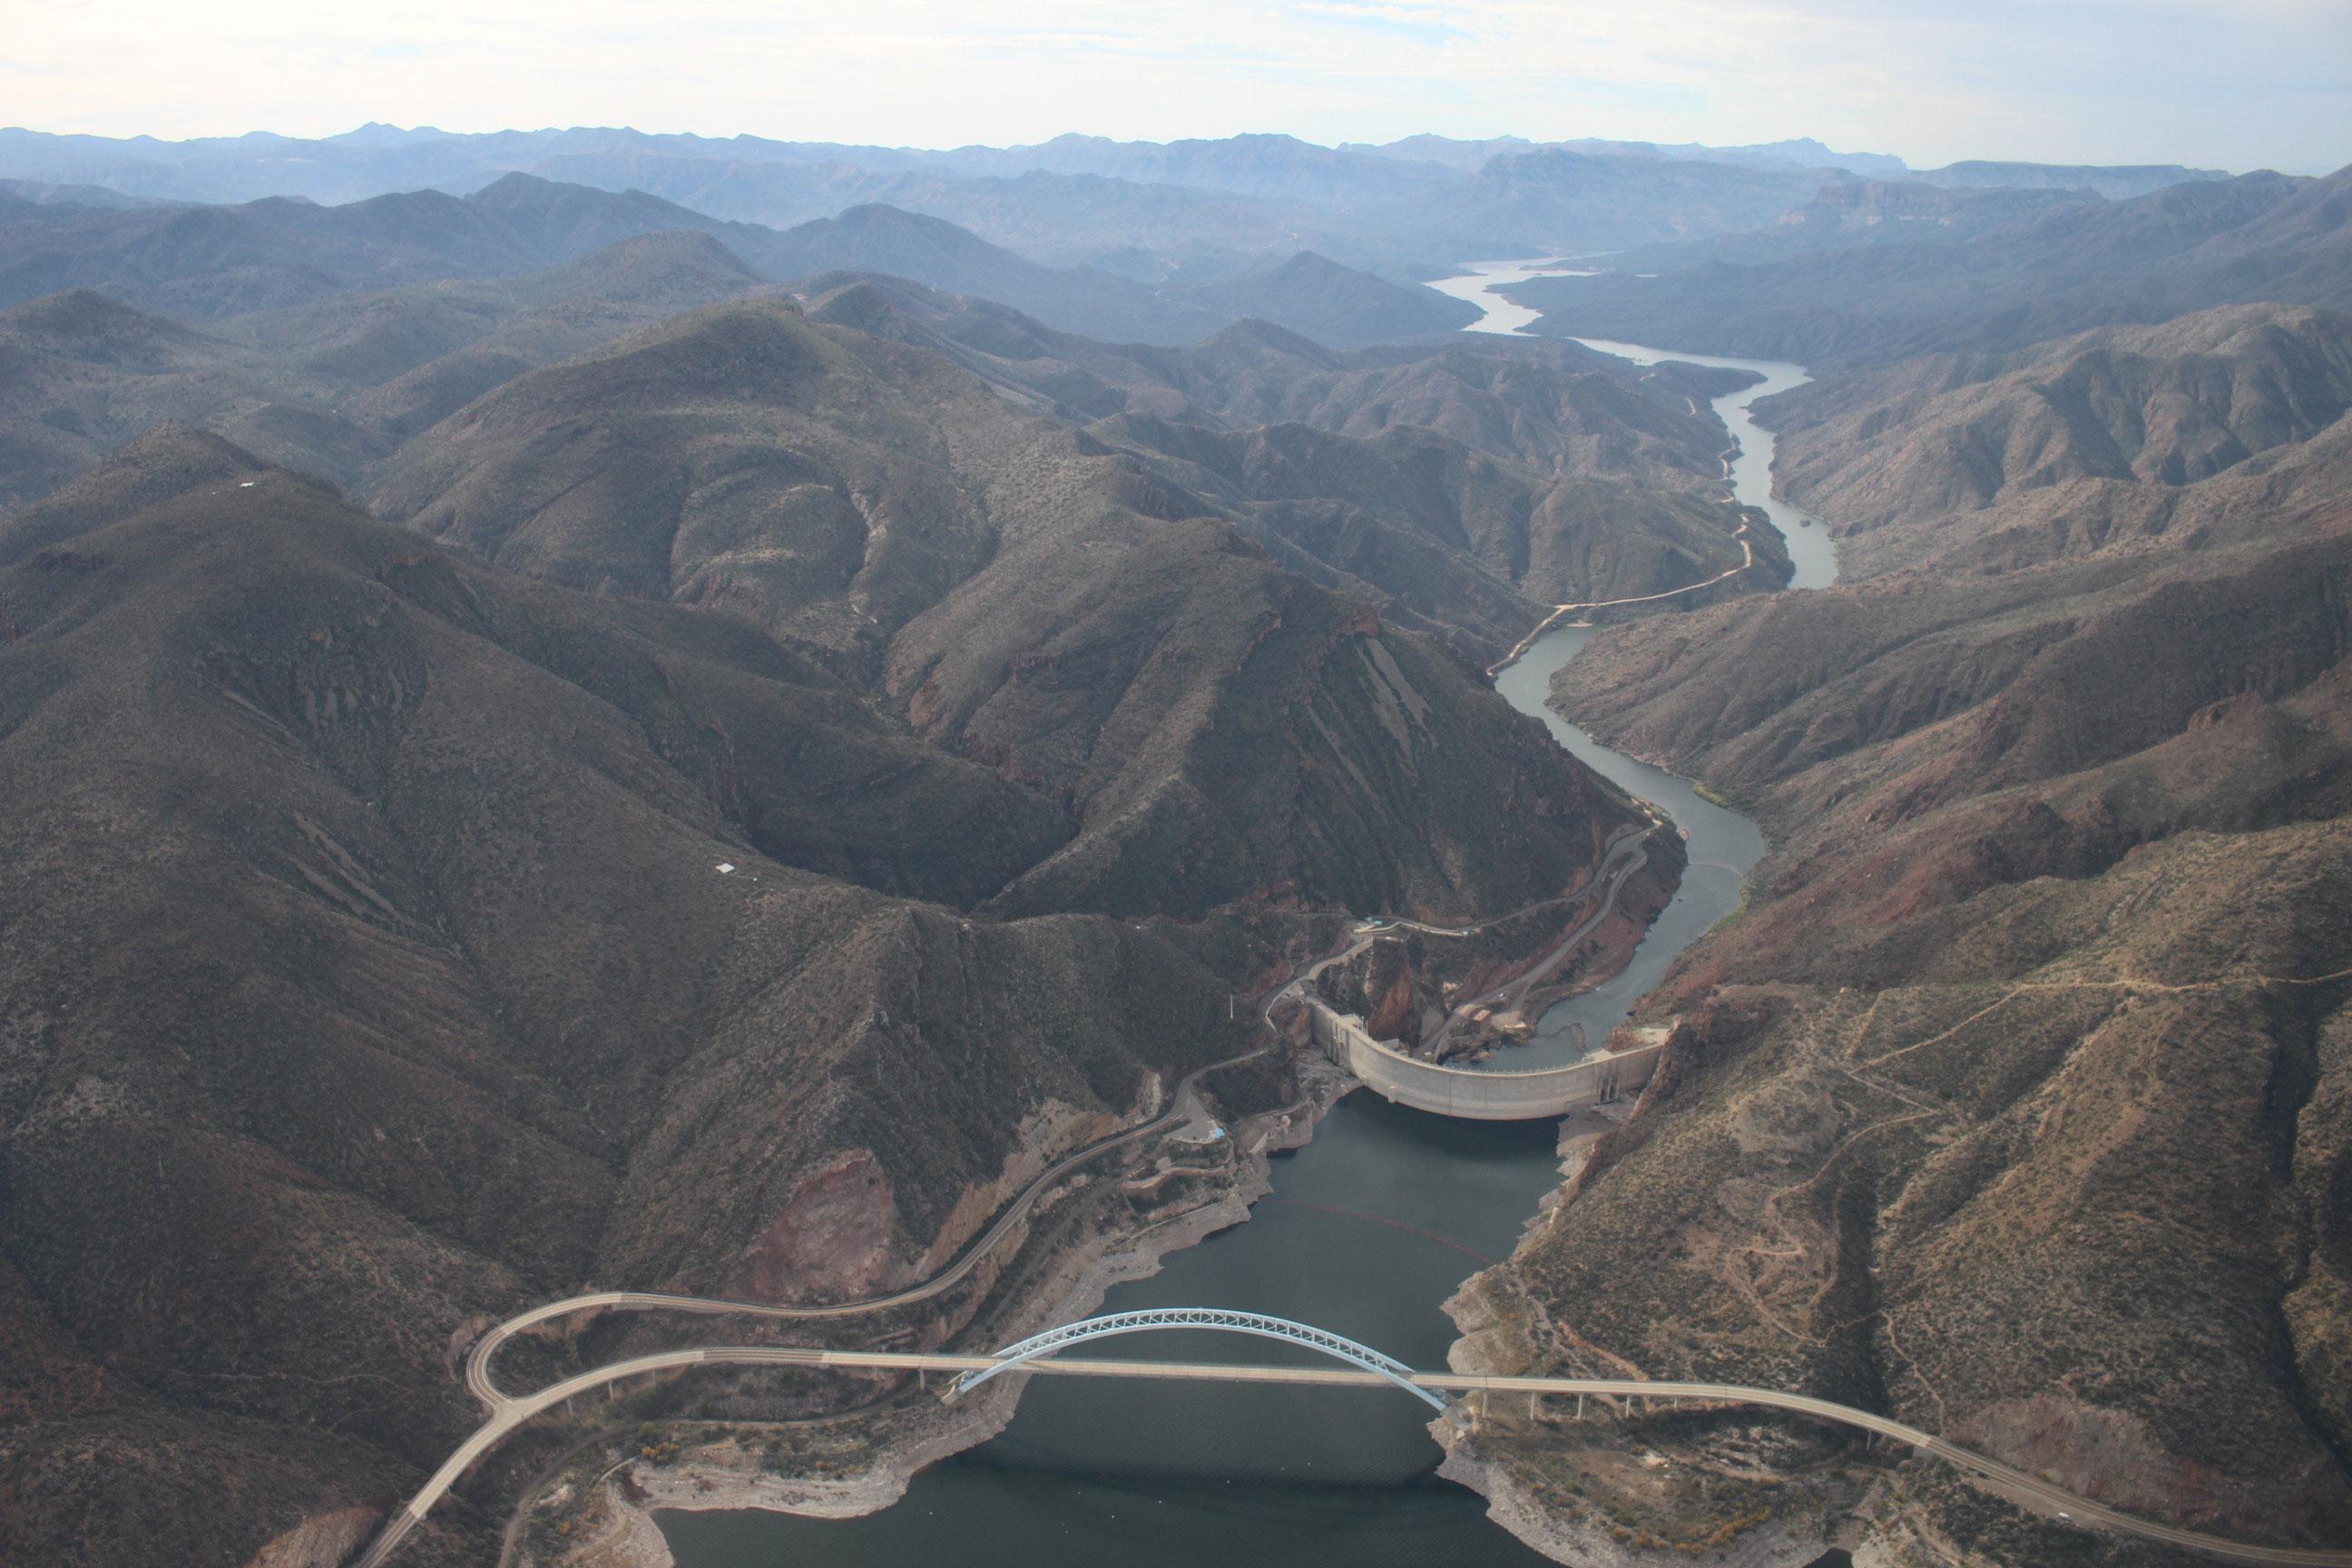 River negotiations 2